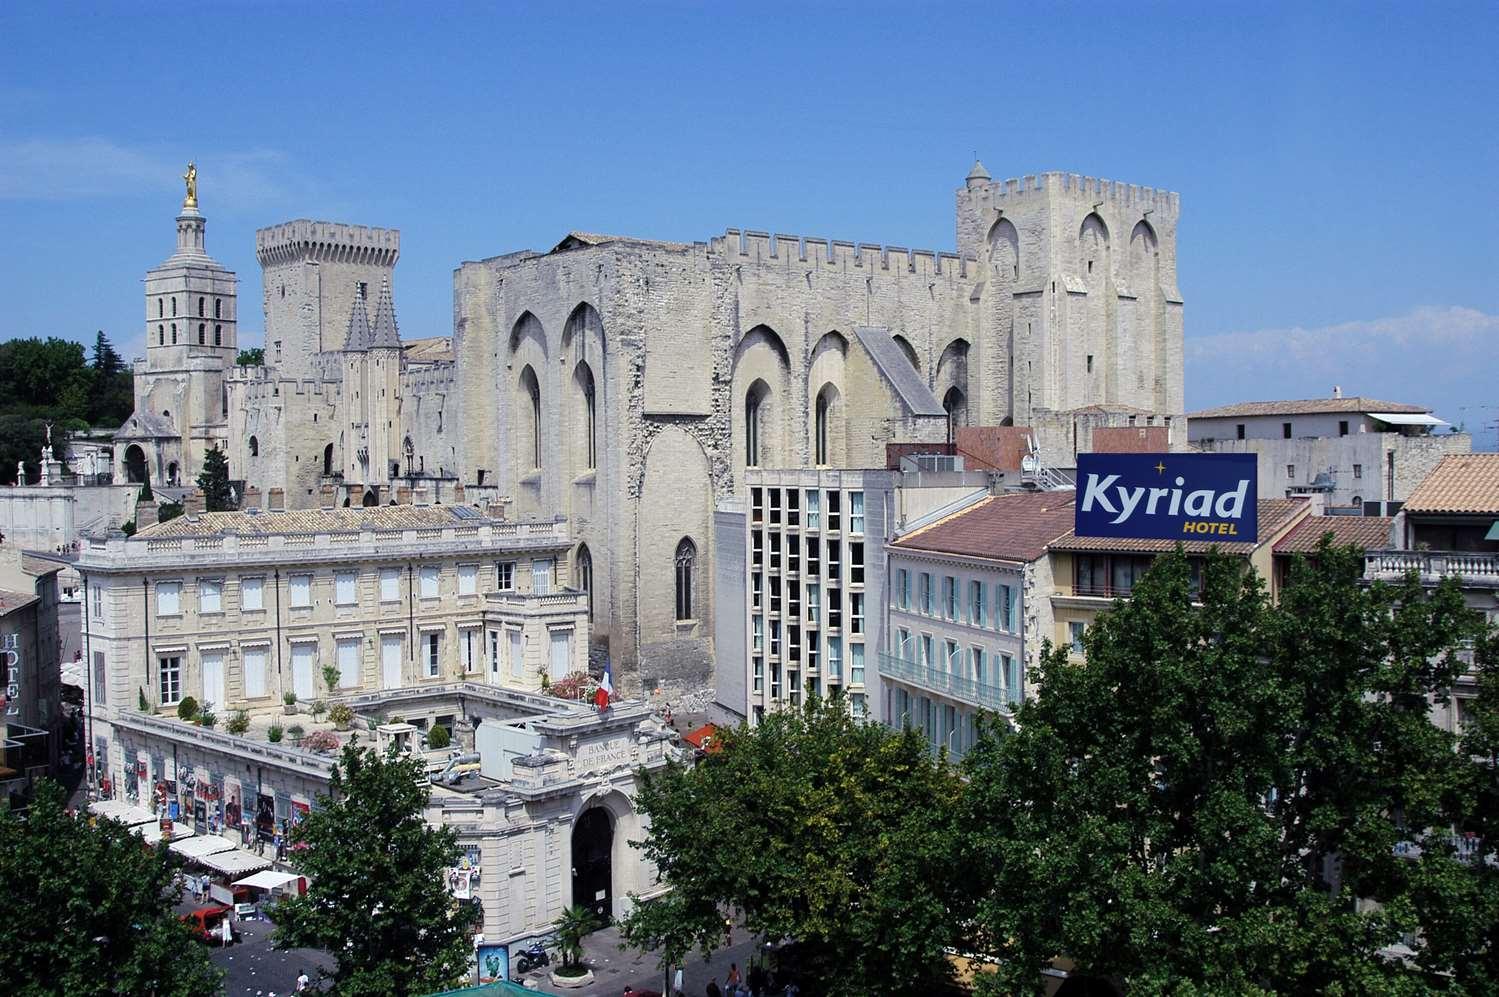 KYRIAD AVIGNON - Palais des papes